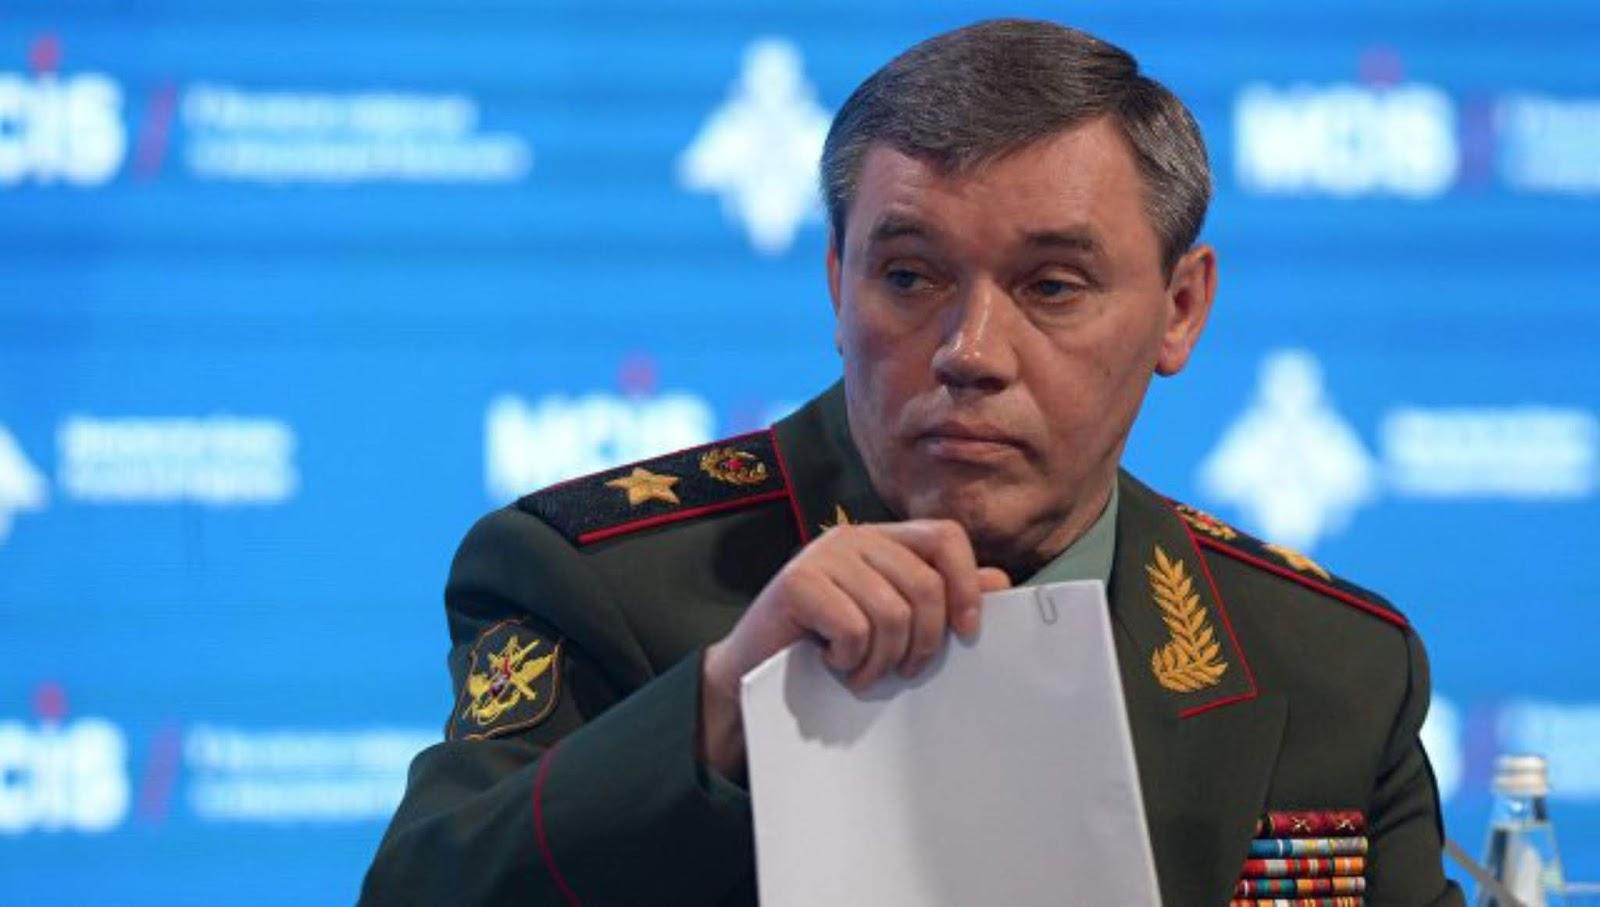 Kementerian Pertahanan Rusia memberi tahu tentang surat rahasia kepala Staf Umum ke AS